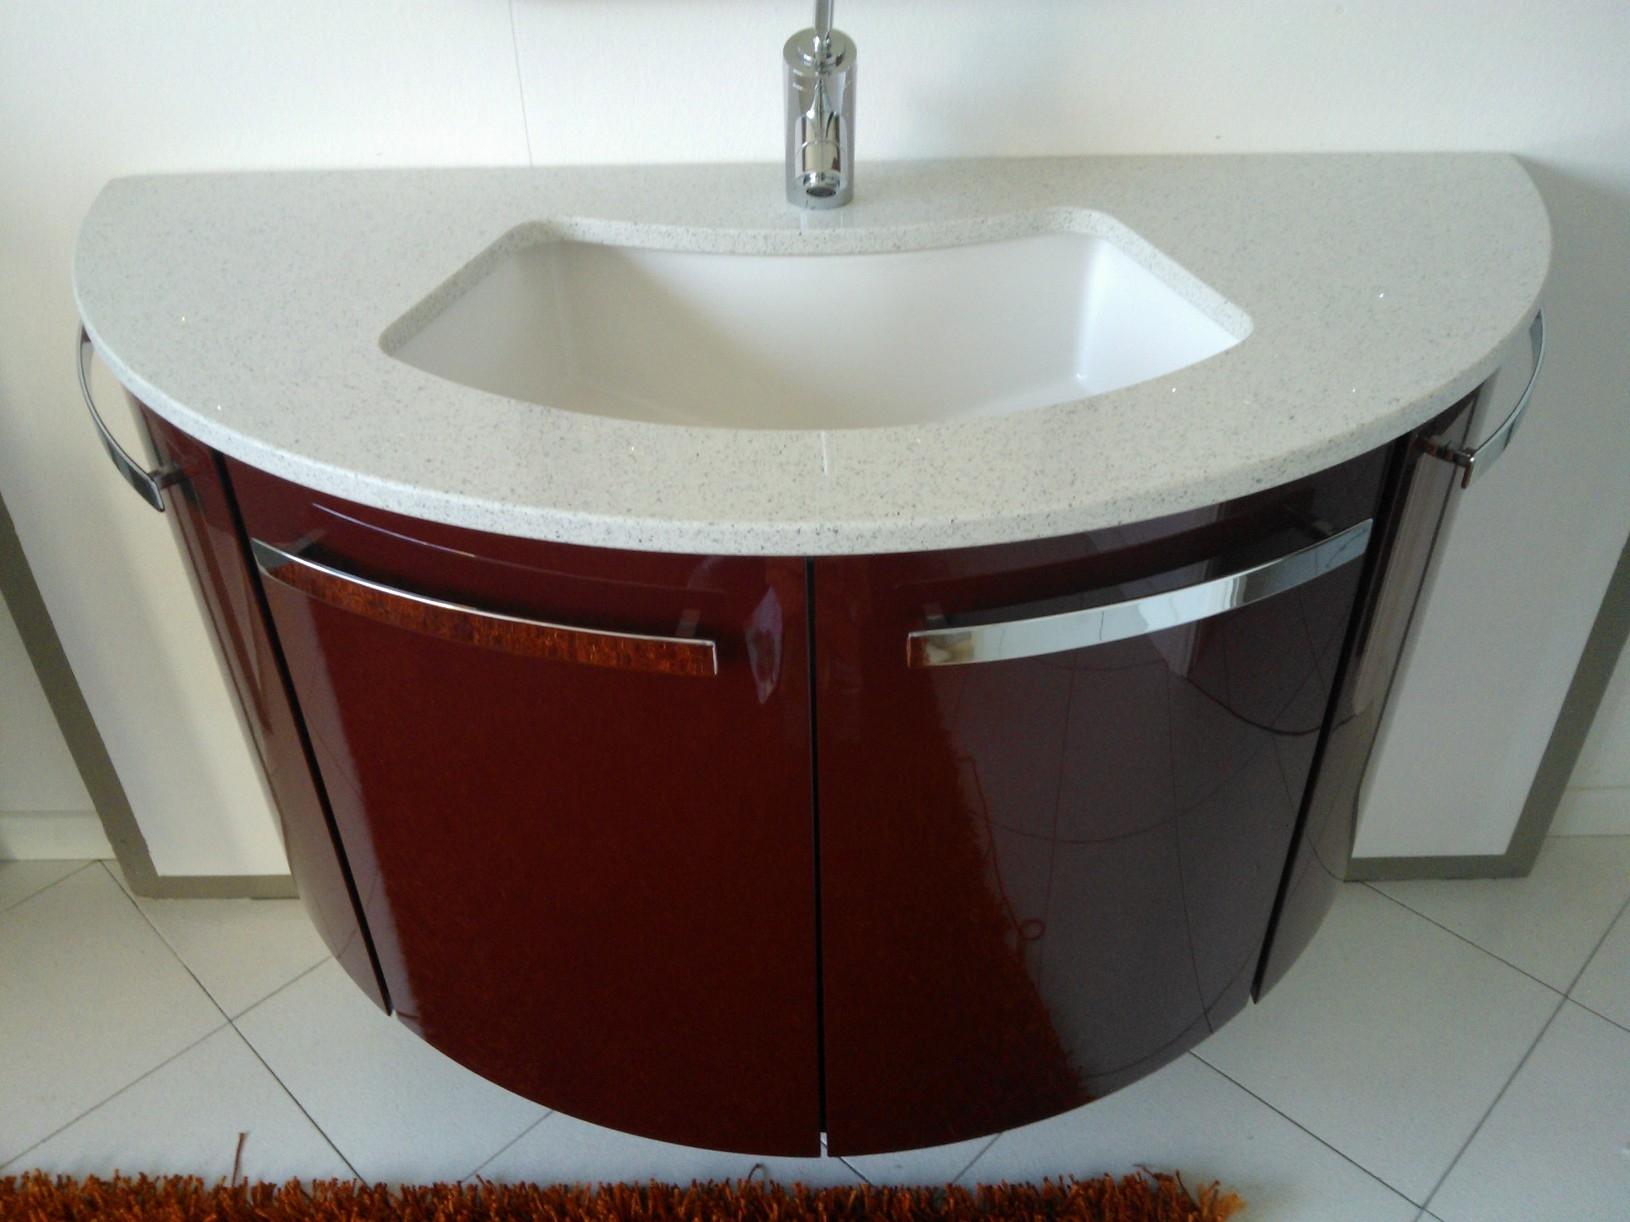 Vasca Da Bagno Offerte : Mobili da bagno in offerta leroy merlin roma mobili da giardino